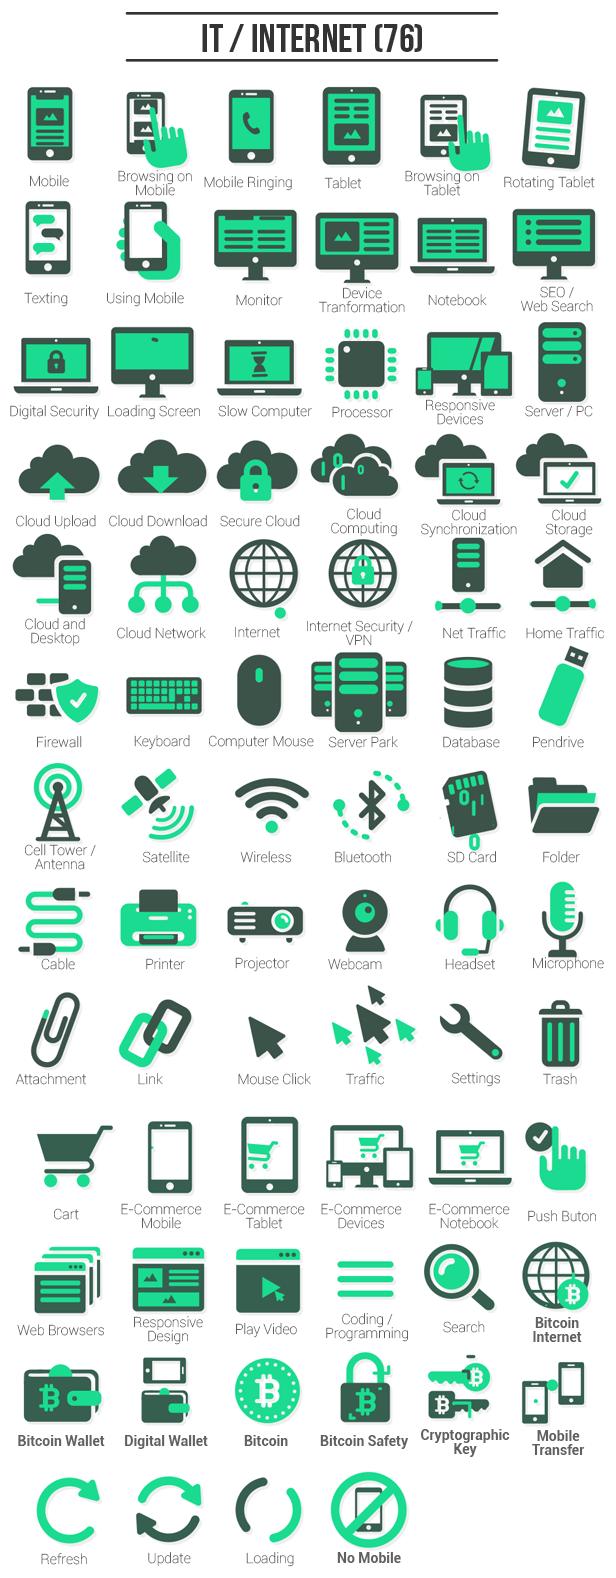 AE模板 555个各行业ICONS动画图标 旅游IT科技商务表情运动等 带音效 v12